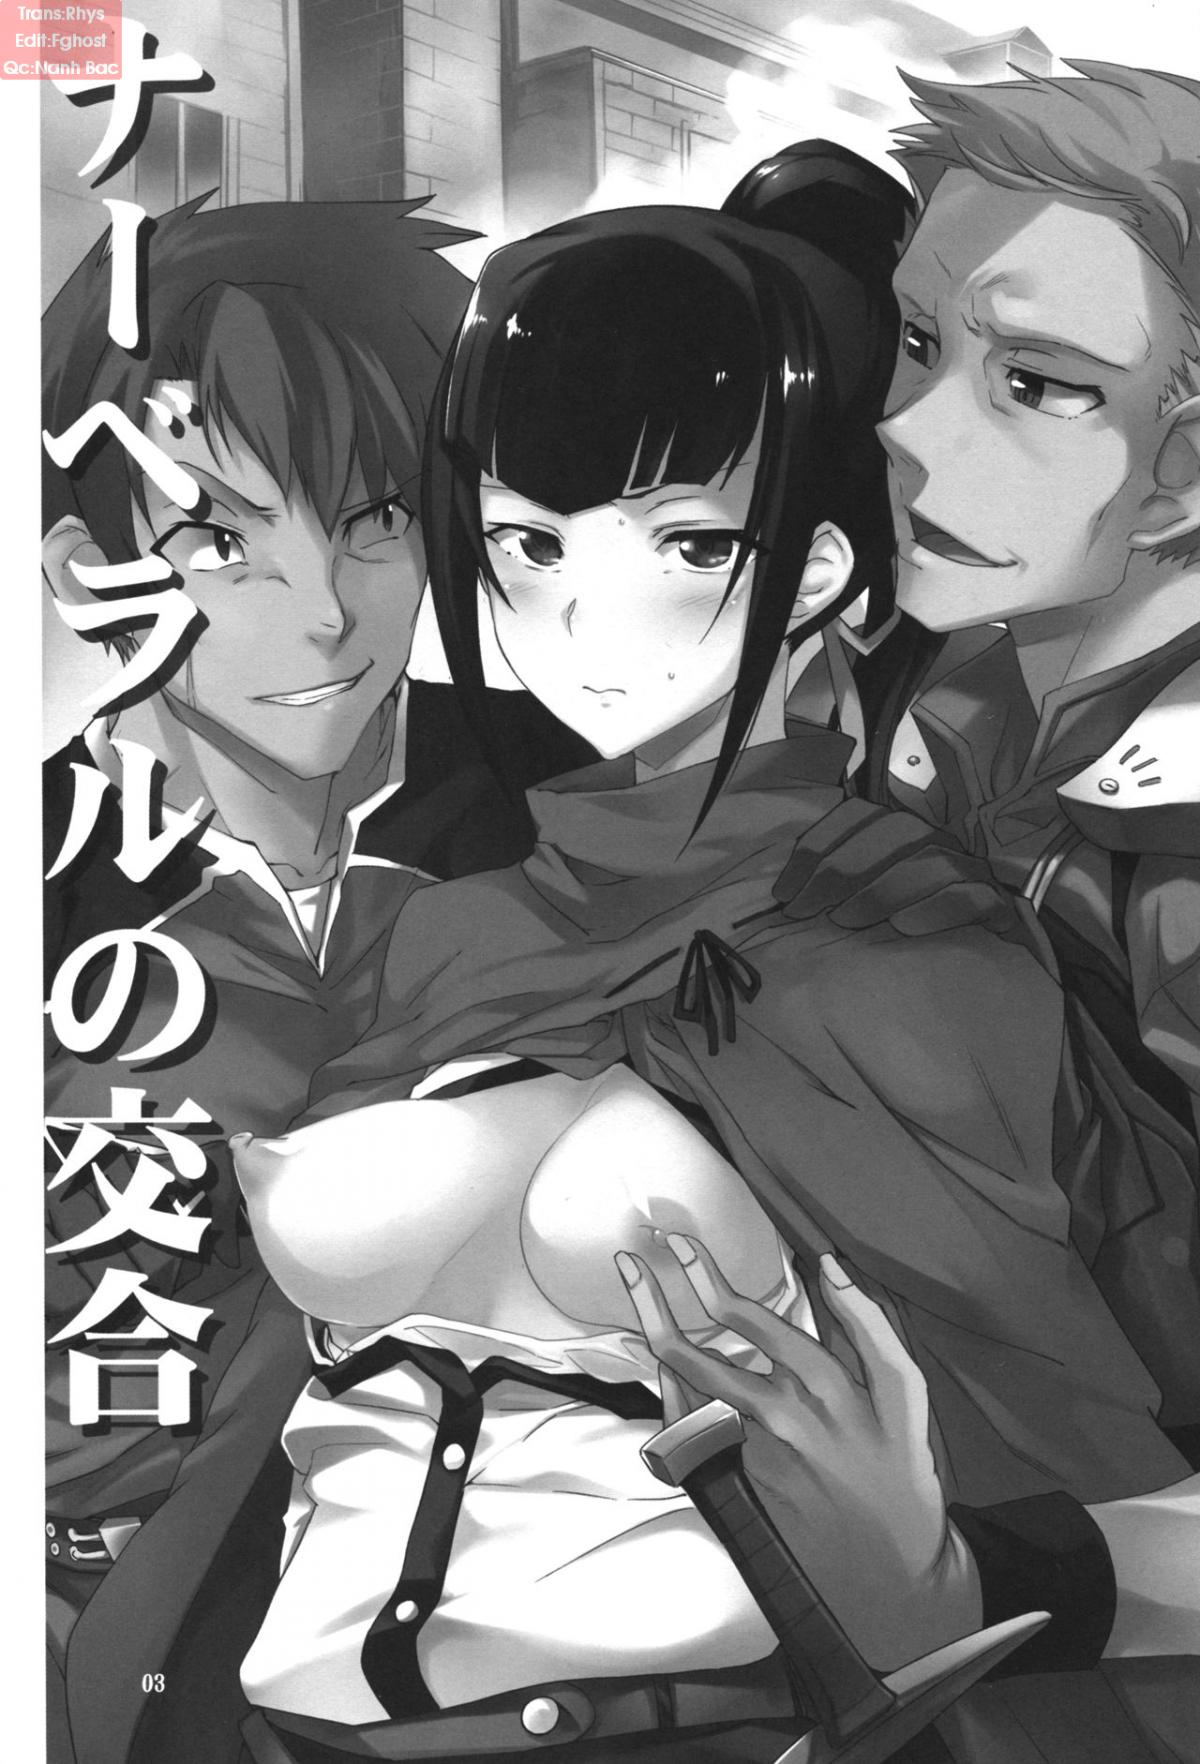 Hình ảnh  trong bài viết Truyện hentai Narberal no kougou